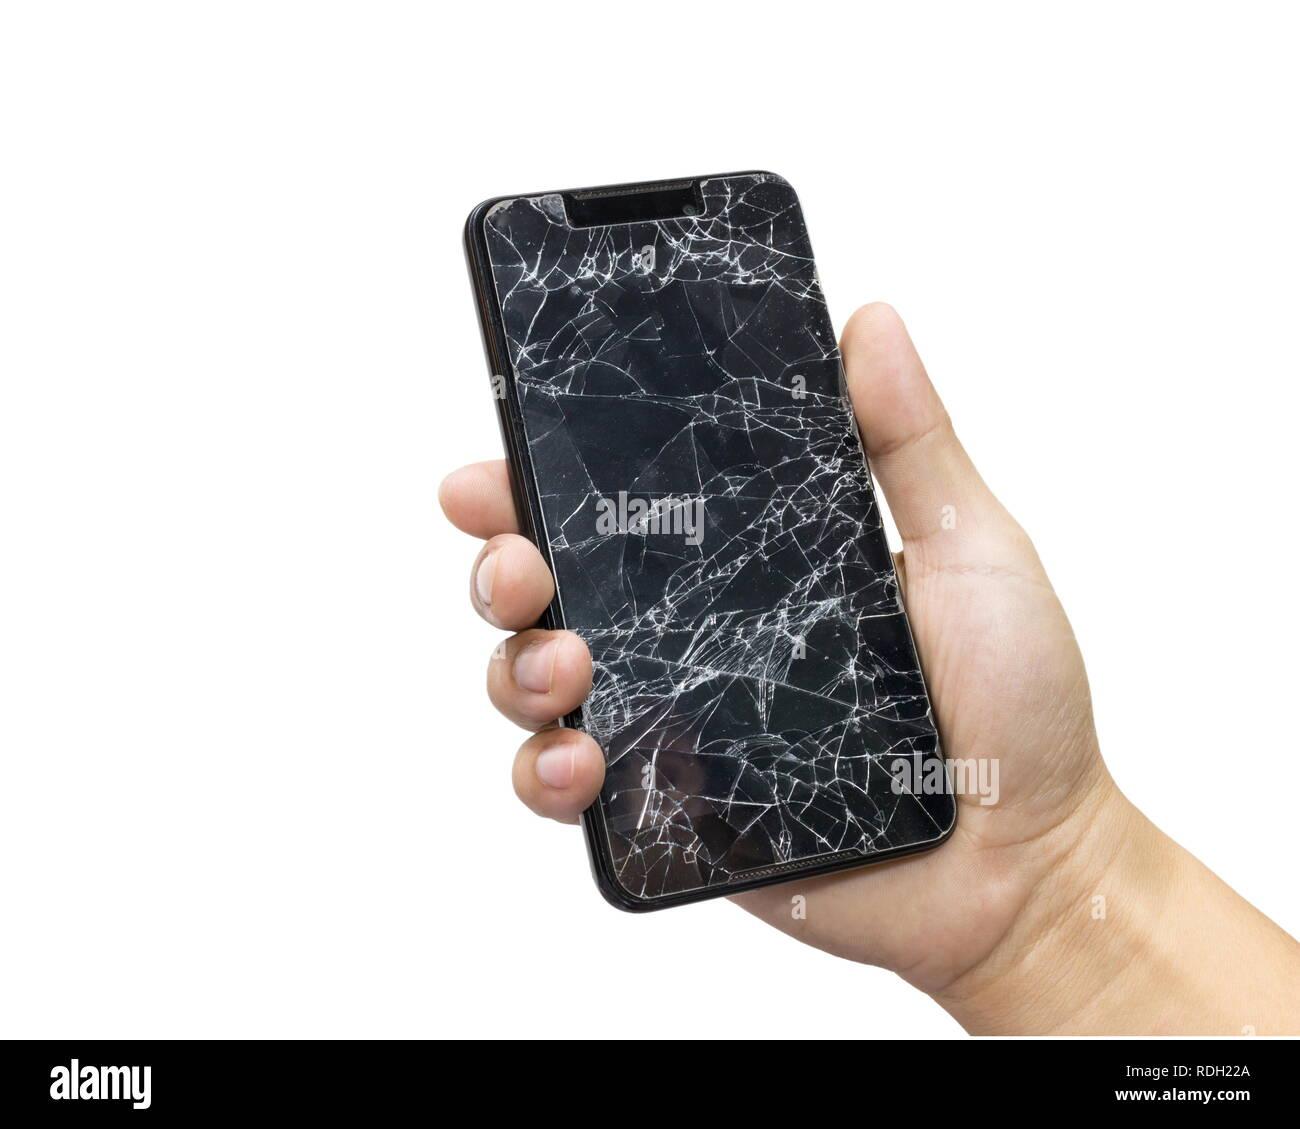 Uomo Con Un Nero Telefono Cellulare E Schermo Rotto Isolato Su Uno